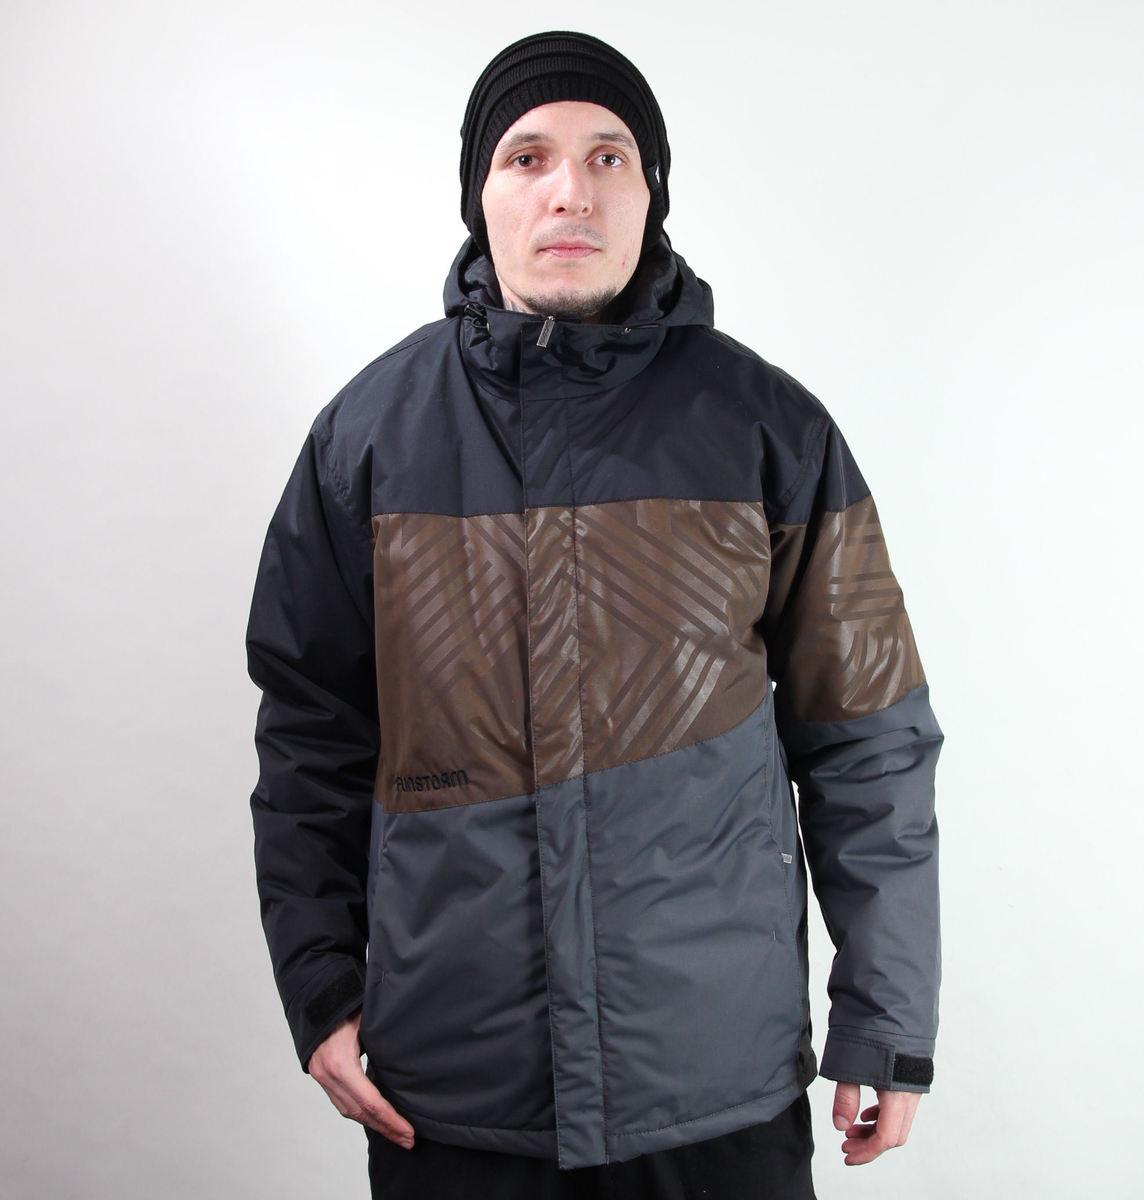 bunda pánská zimní -snb- FUNSTORM - Darwen - 20 D GREY